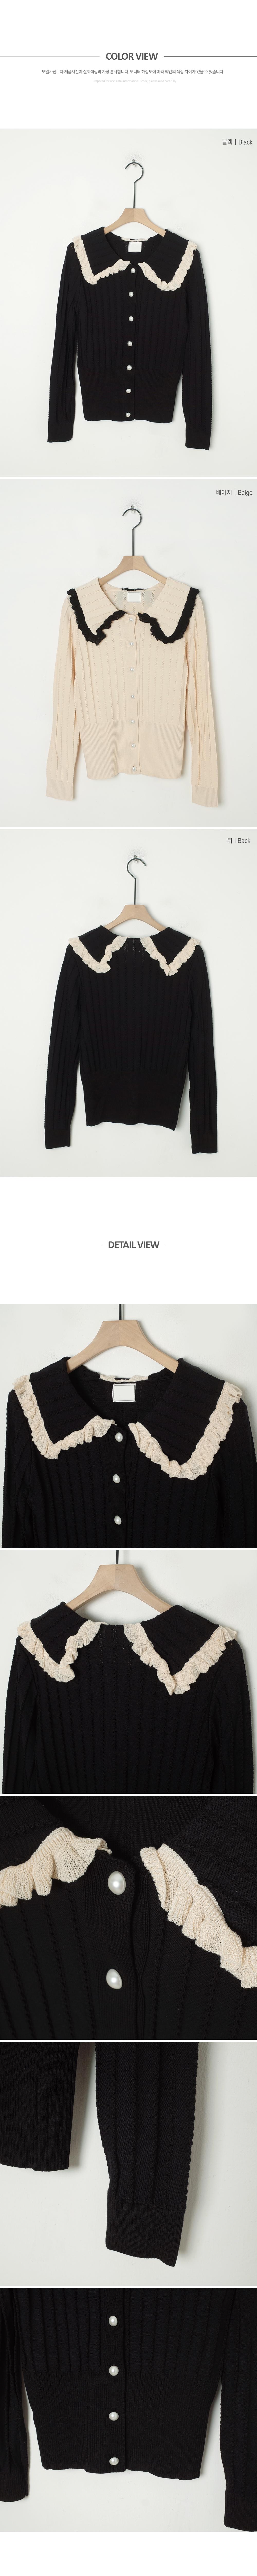 Pretty cara knit cardigan